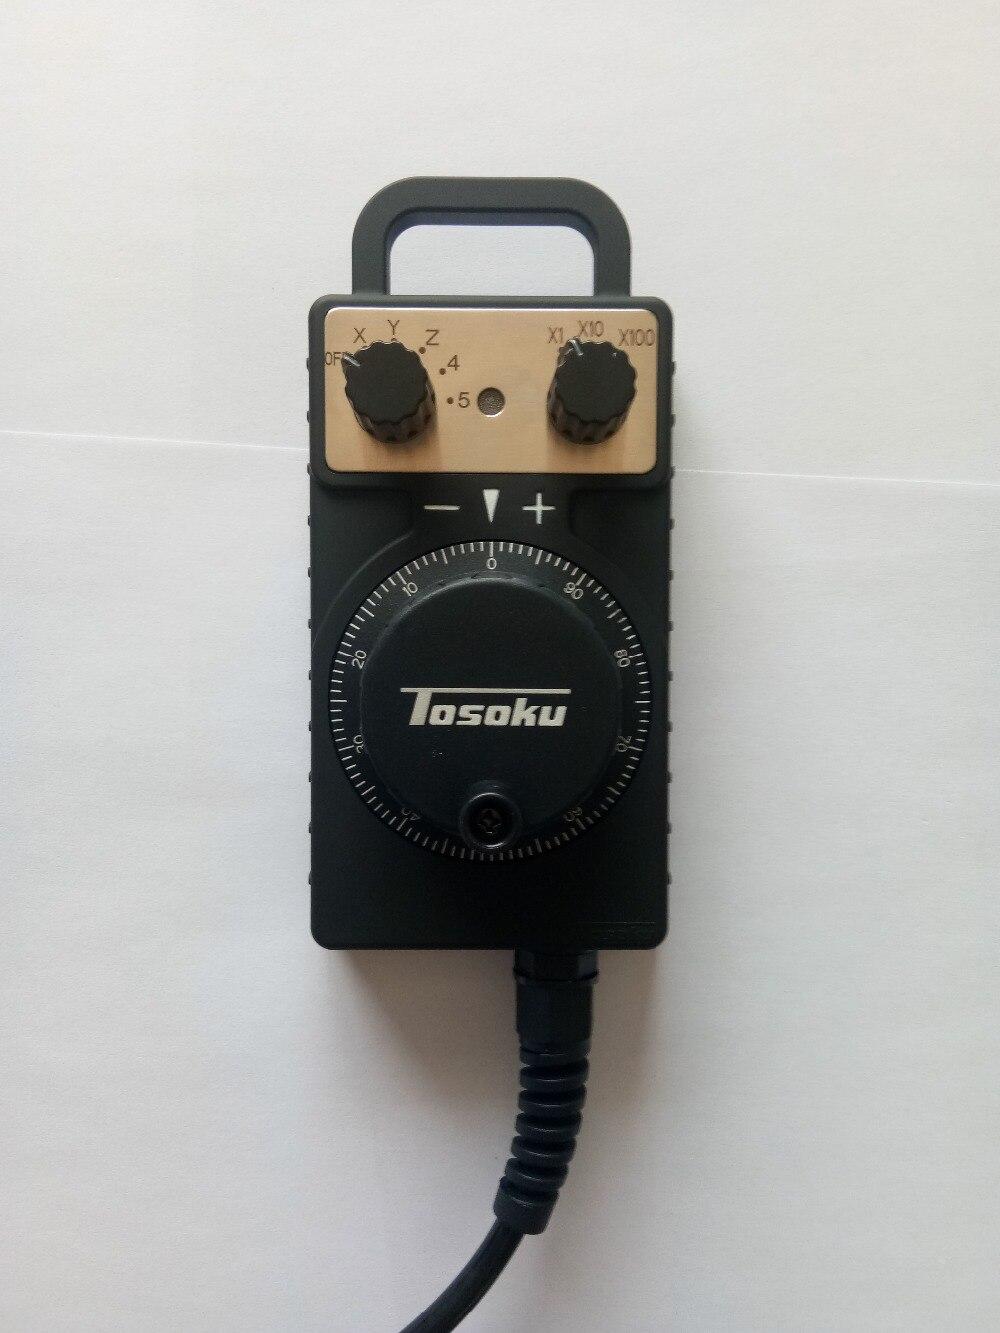 Tosoku HC115 ручной импульсный генератор электронный маховик для станка с ЧПУ ручное колесо оптовая продажа с фабрики, ручное колесо с ЧПУ